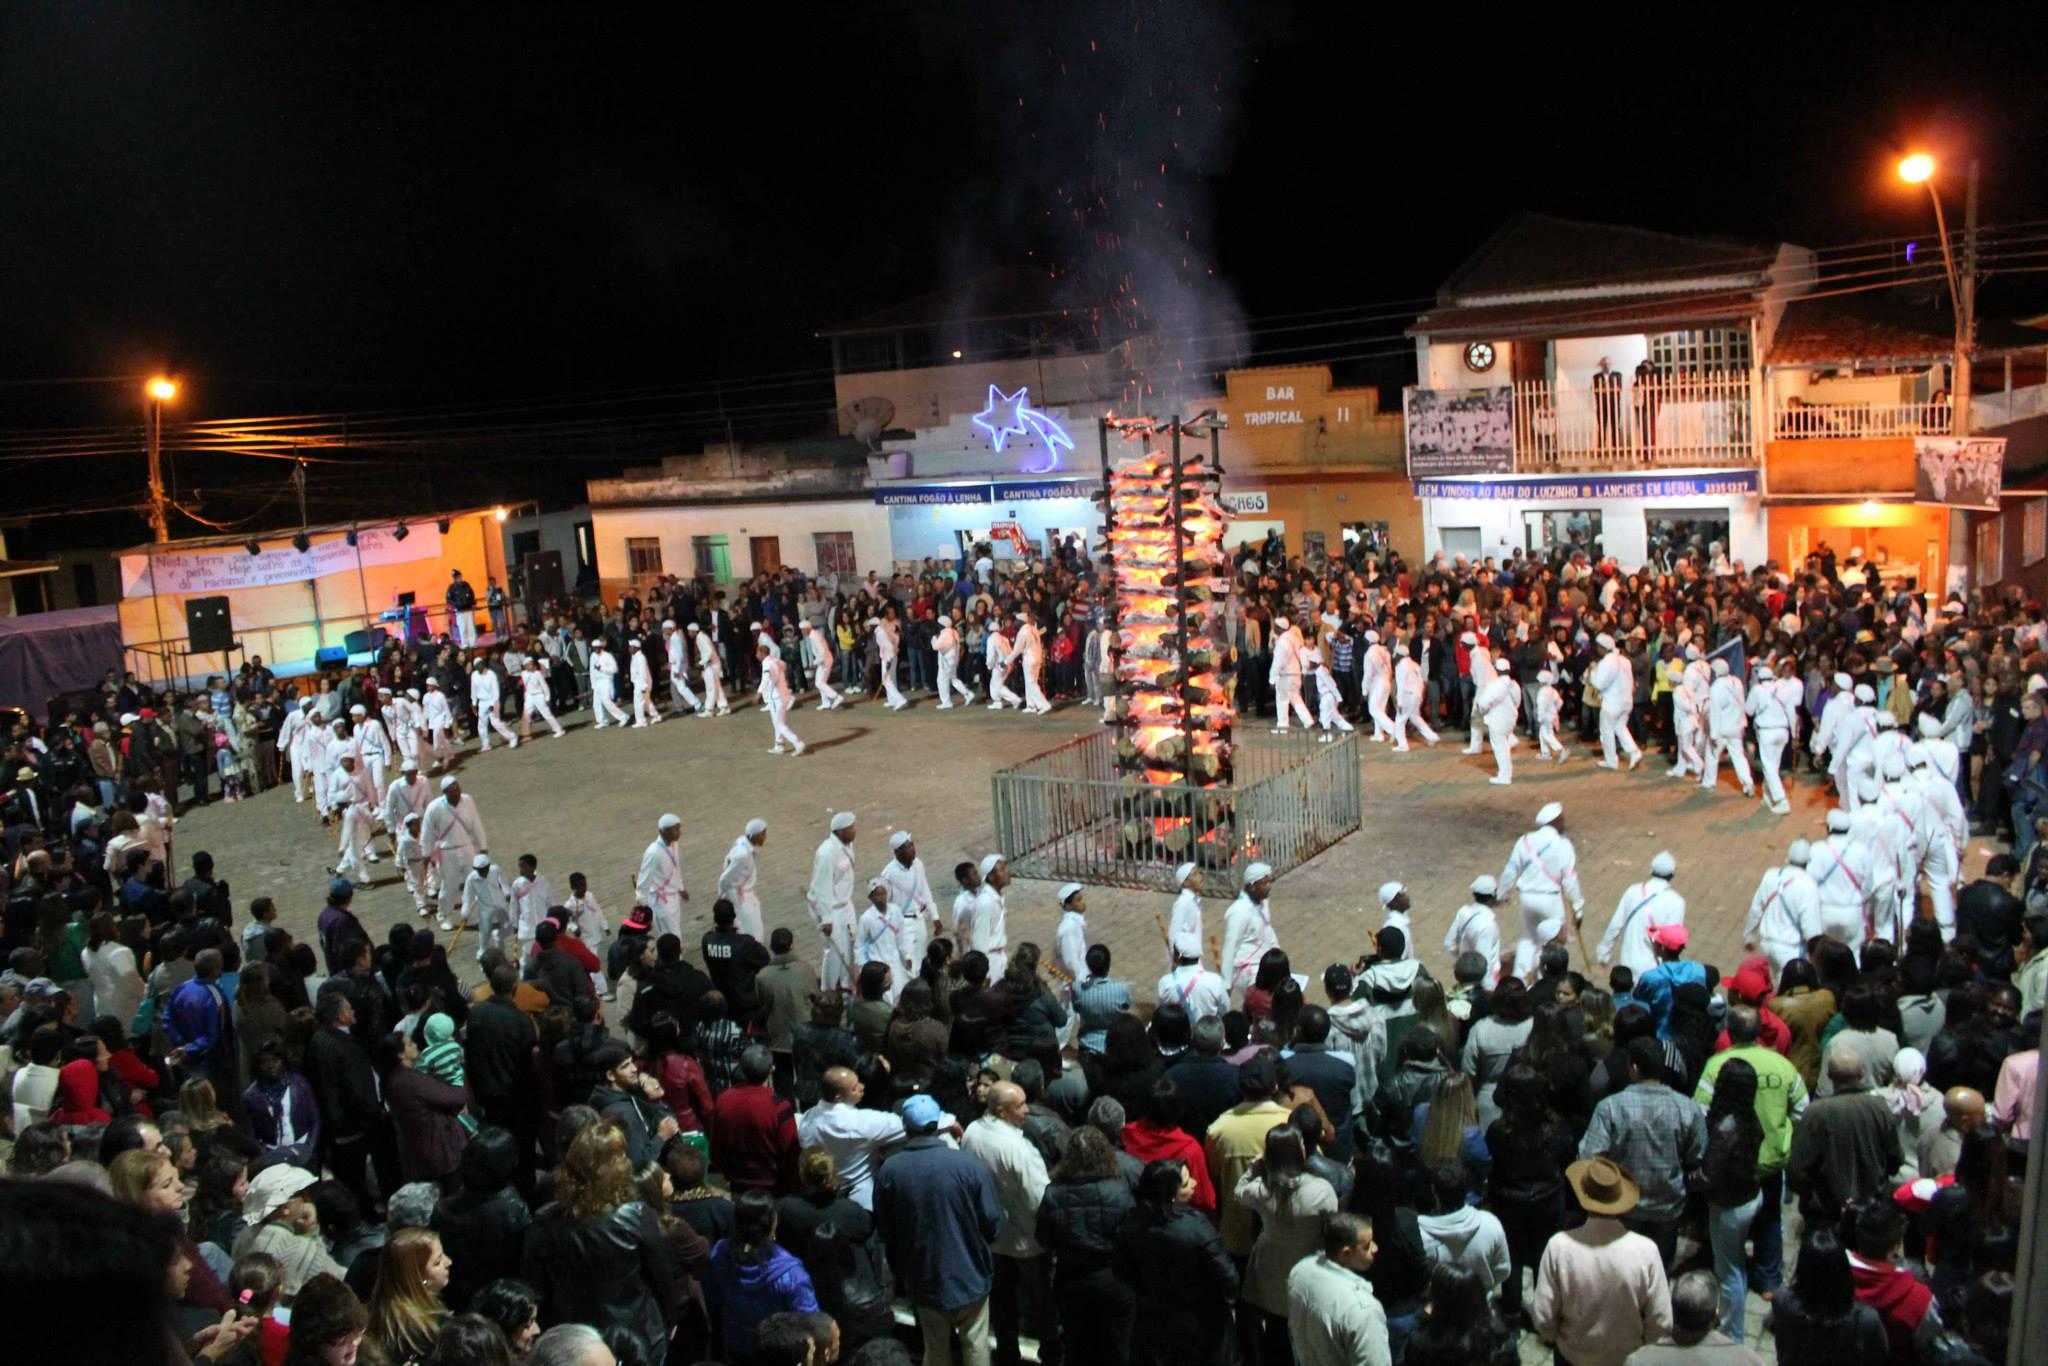 Dança da fogueira é uma das celebrações aguardadas na Festa de Maio - FOTO: Danúsia Monteiro